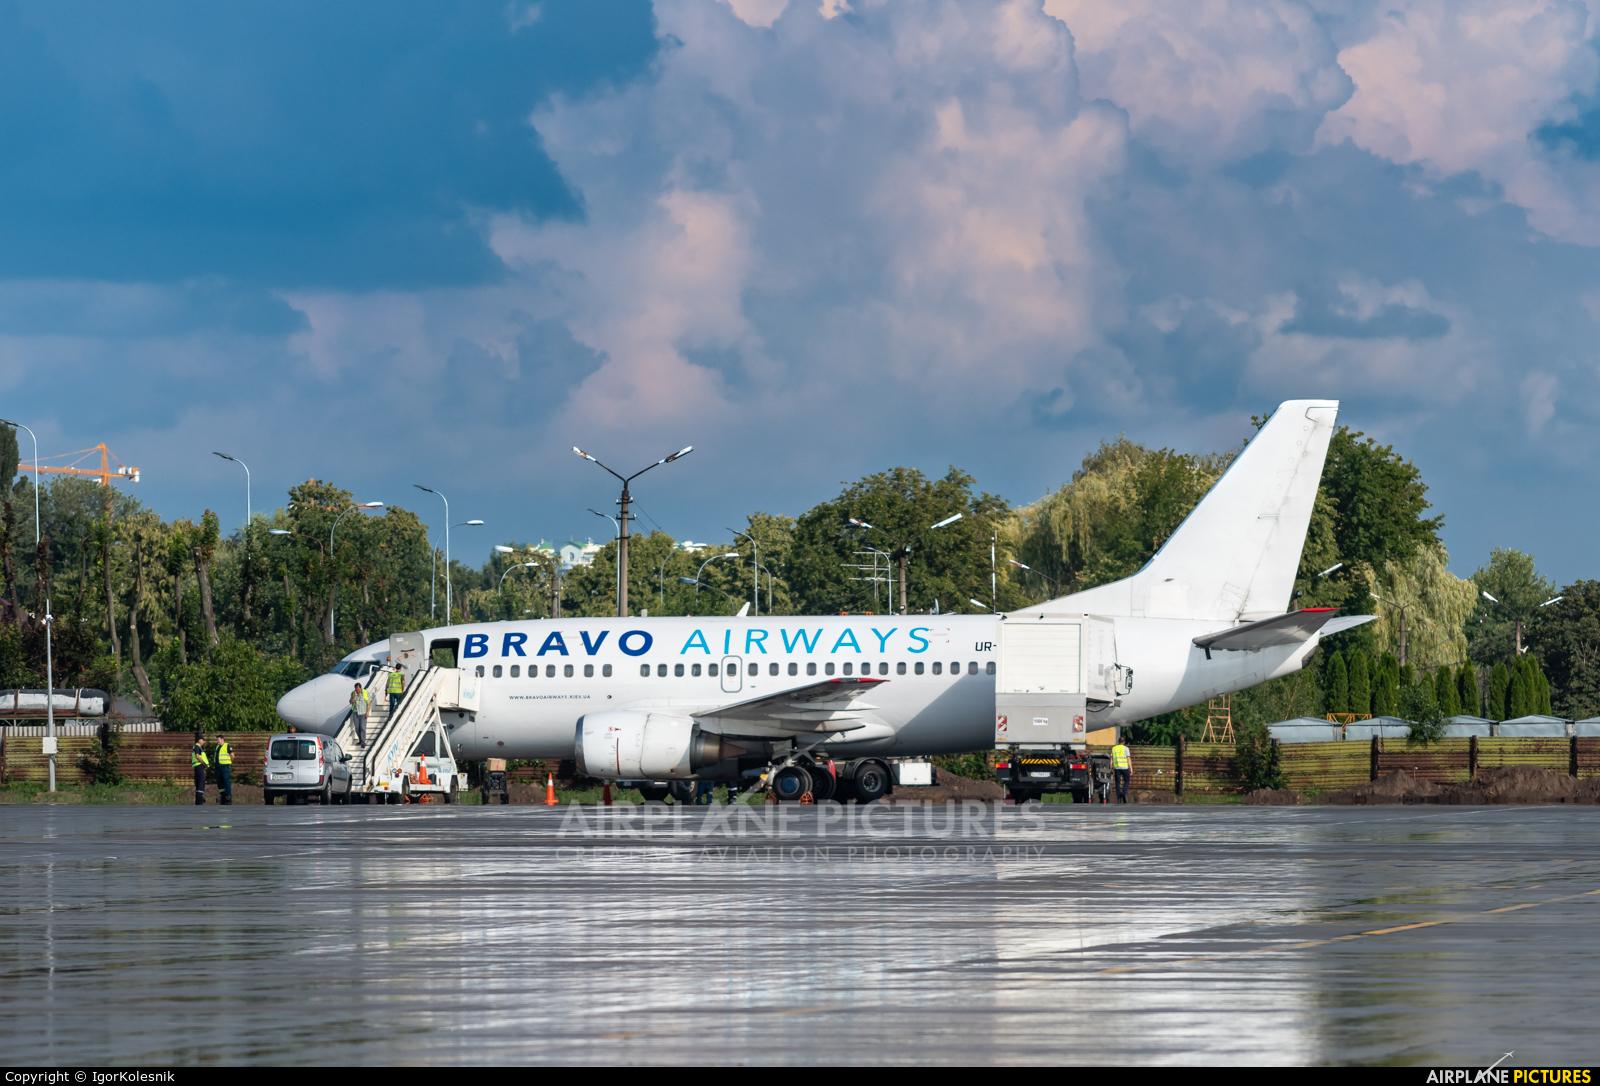 Bravo Airways UR-CGY aircraft at Kiev - Zhulyany